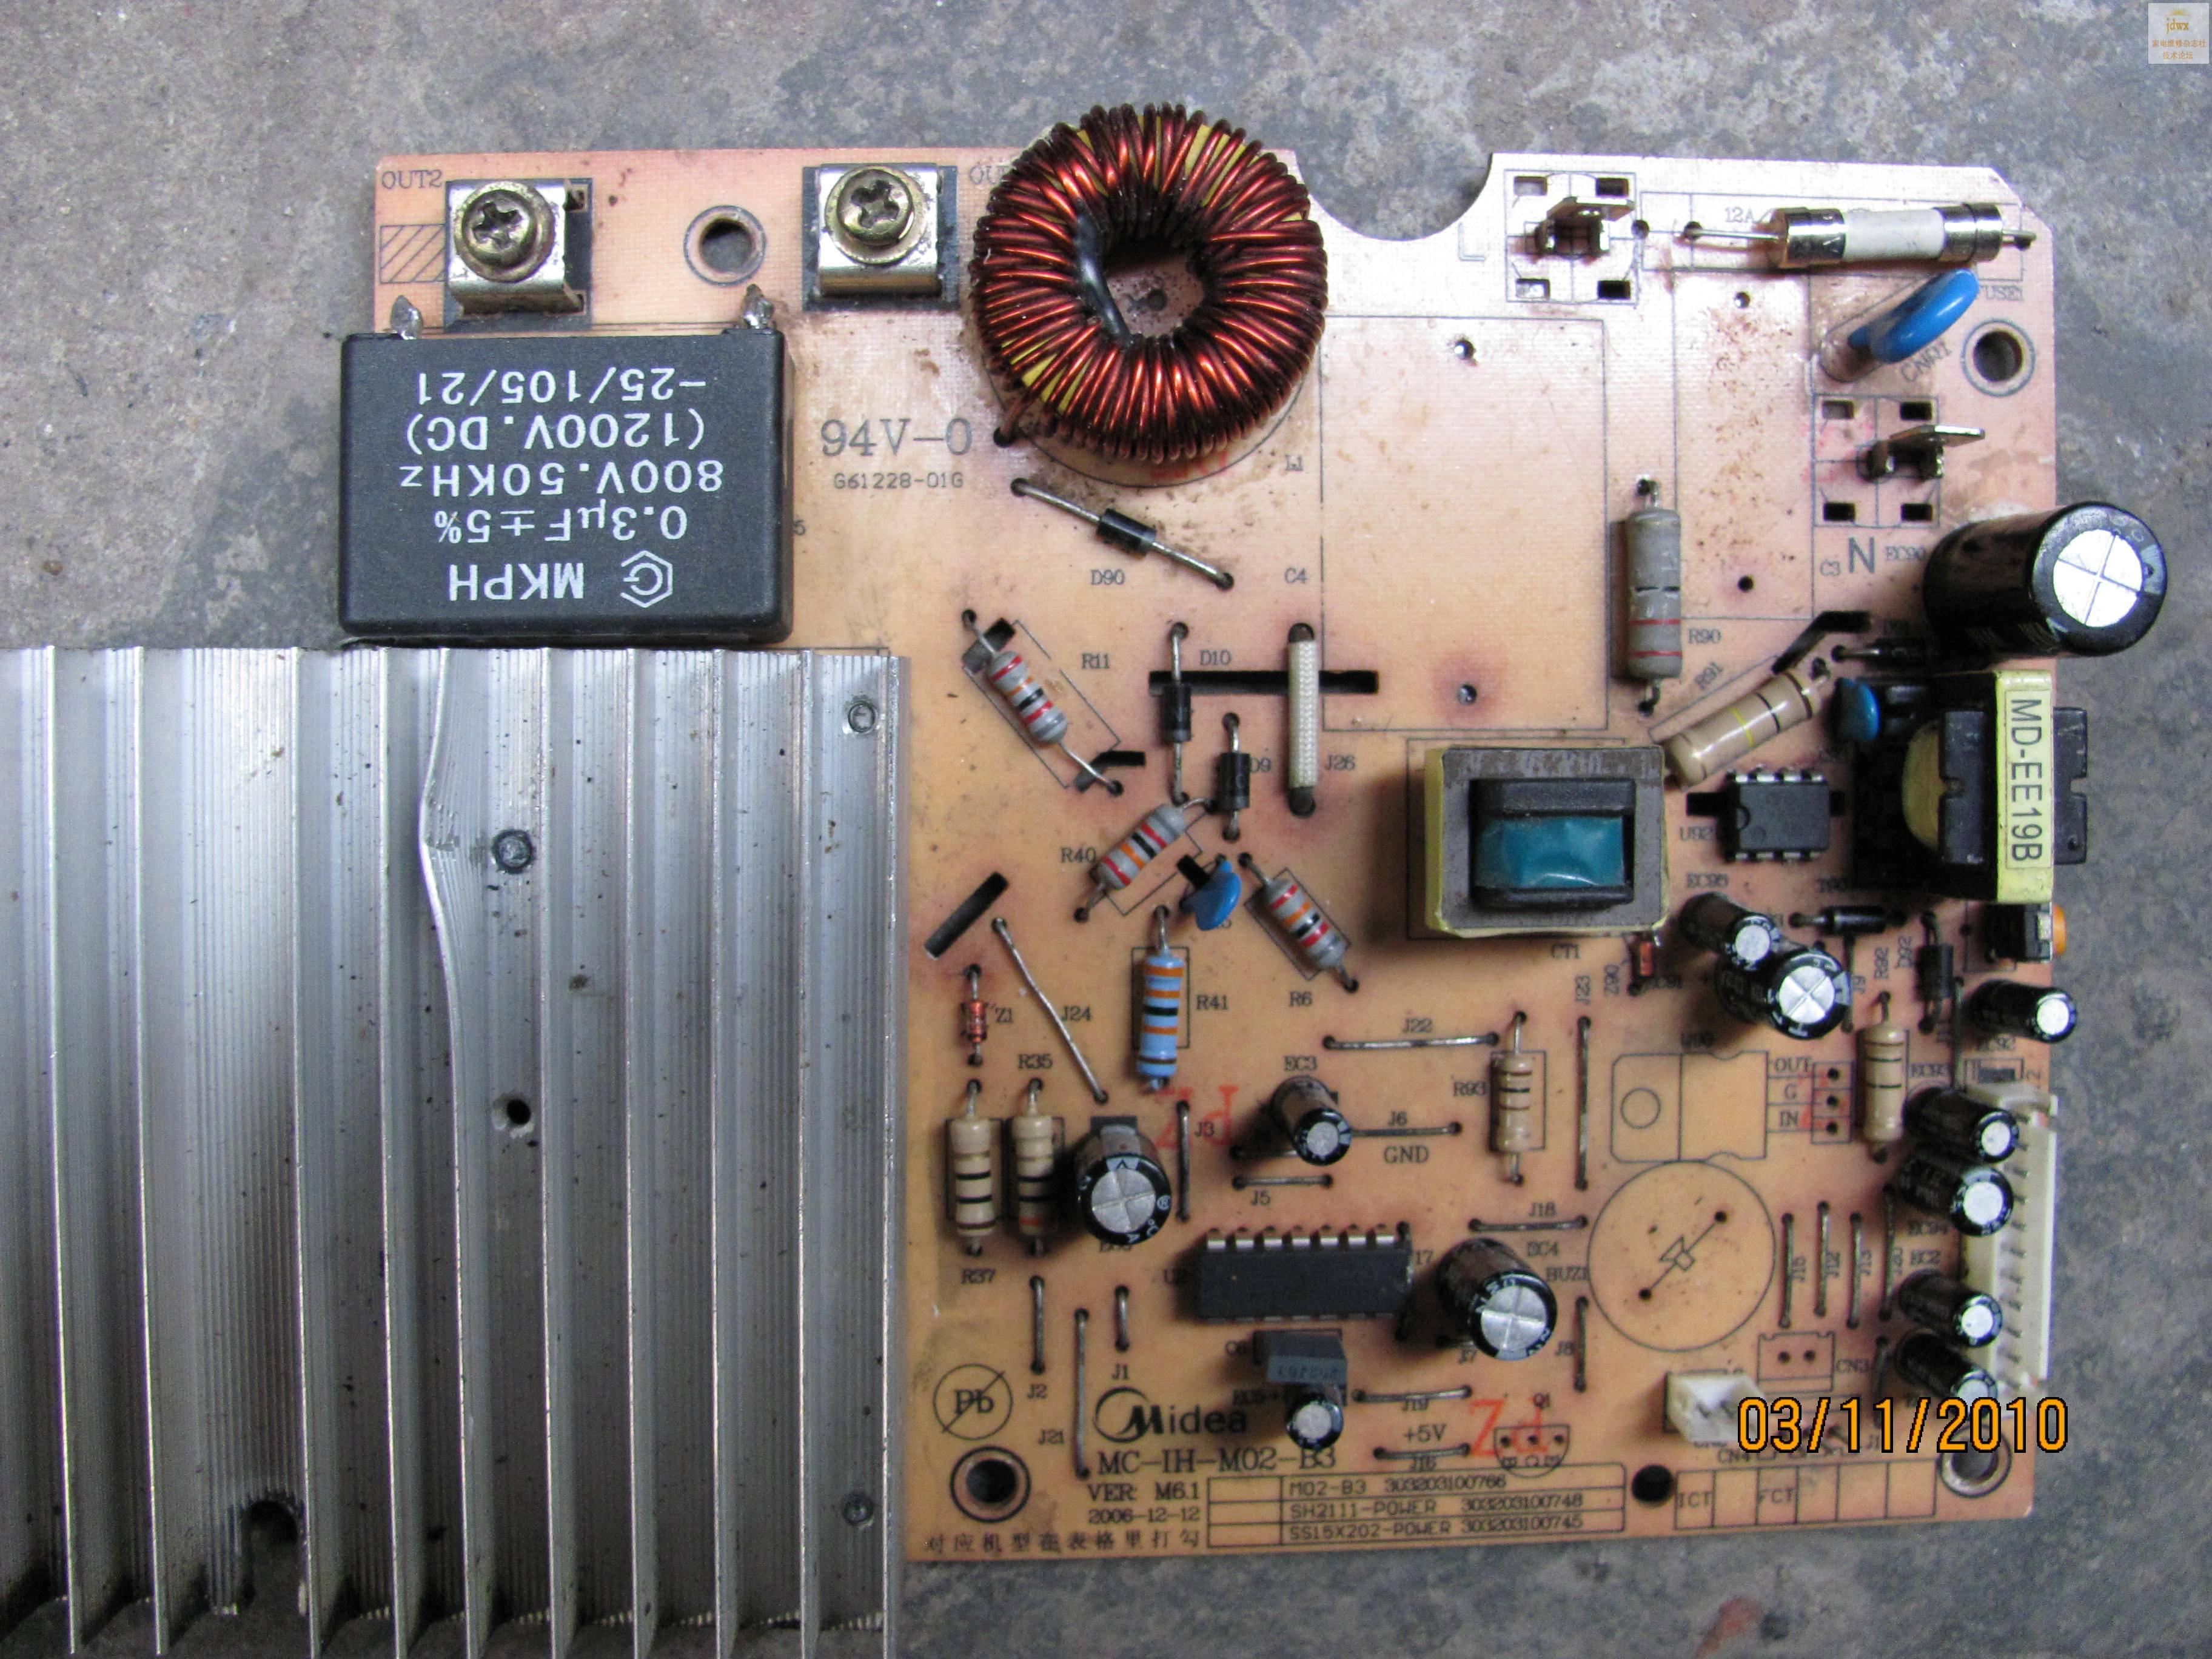 美的mc-sh2112电磁炉图纸